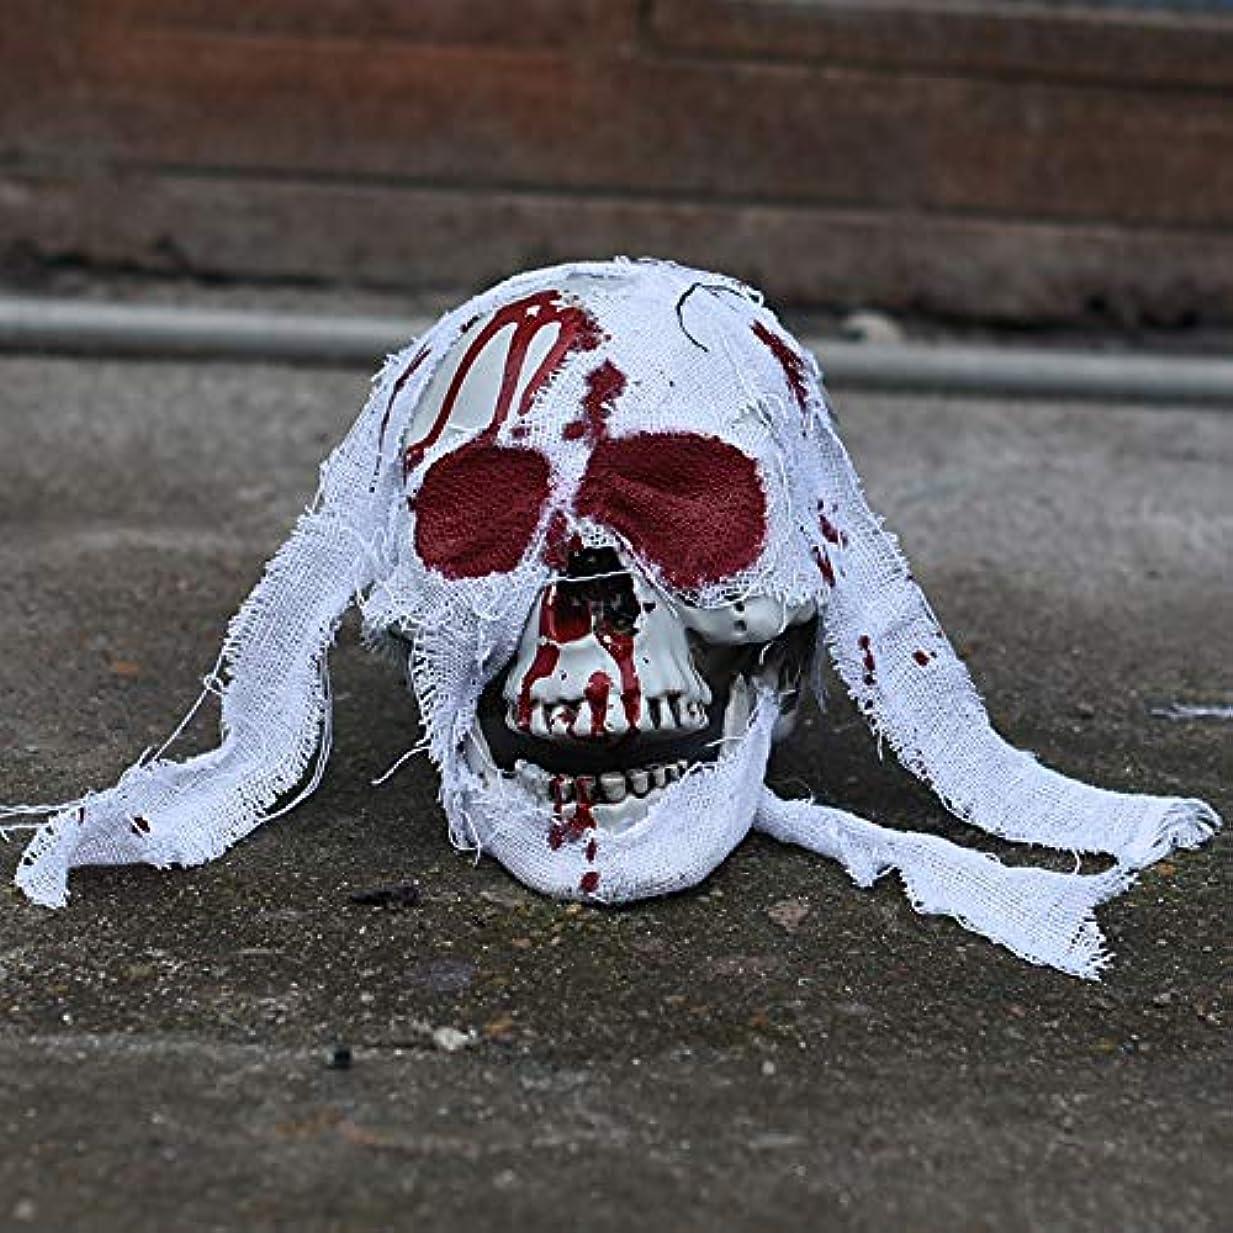 仕える民族主義例外ETRRUU HOME ホラーハロウィン小道具バーお化け屋敷シークレットルームブラッディヘッド装飾コスプレ装飾